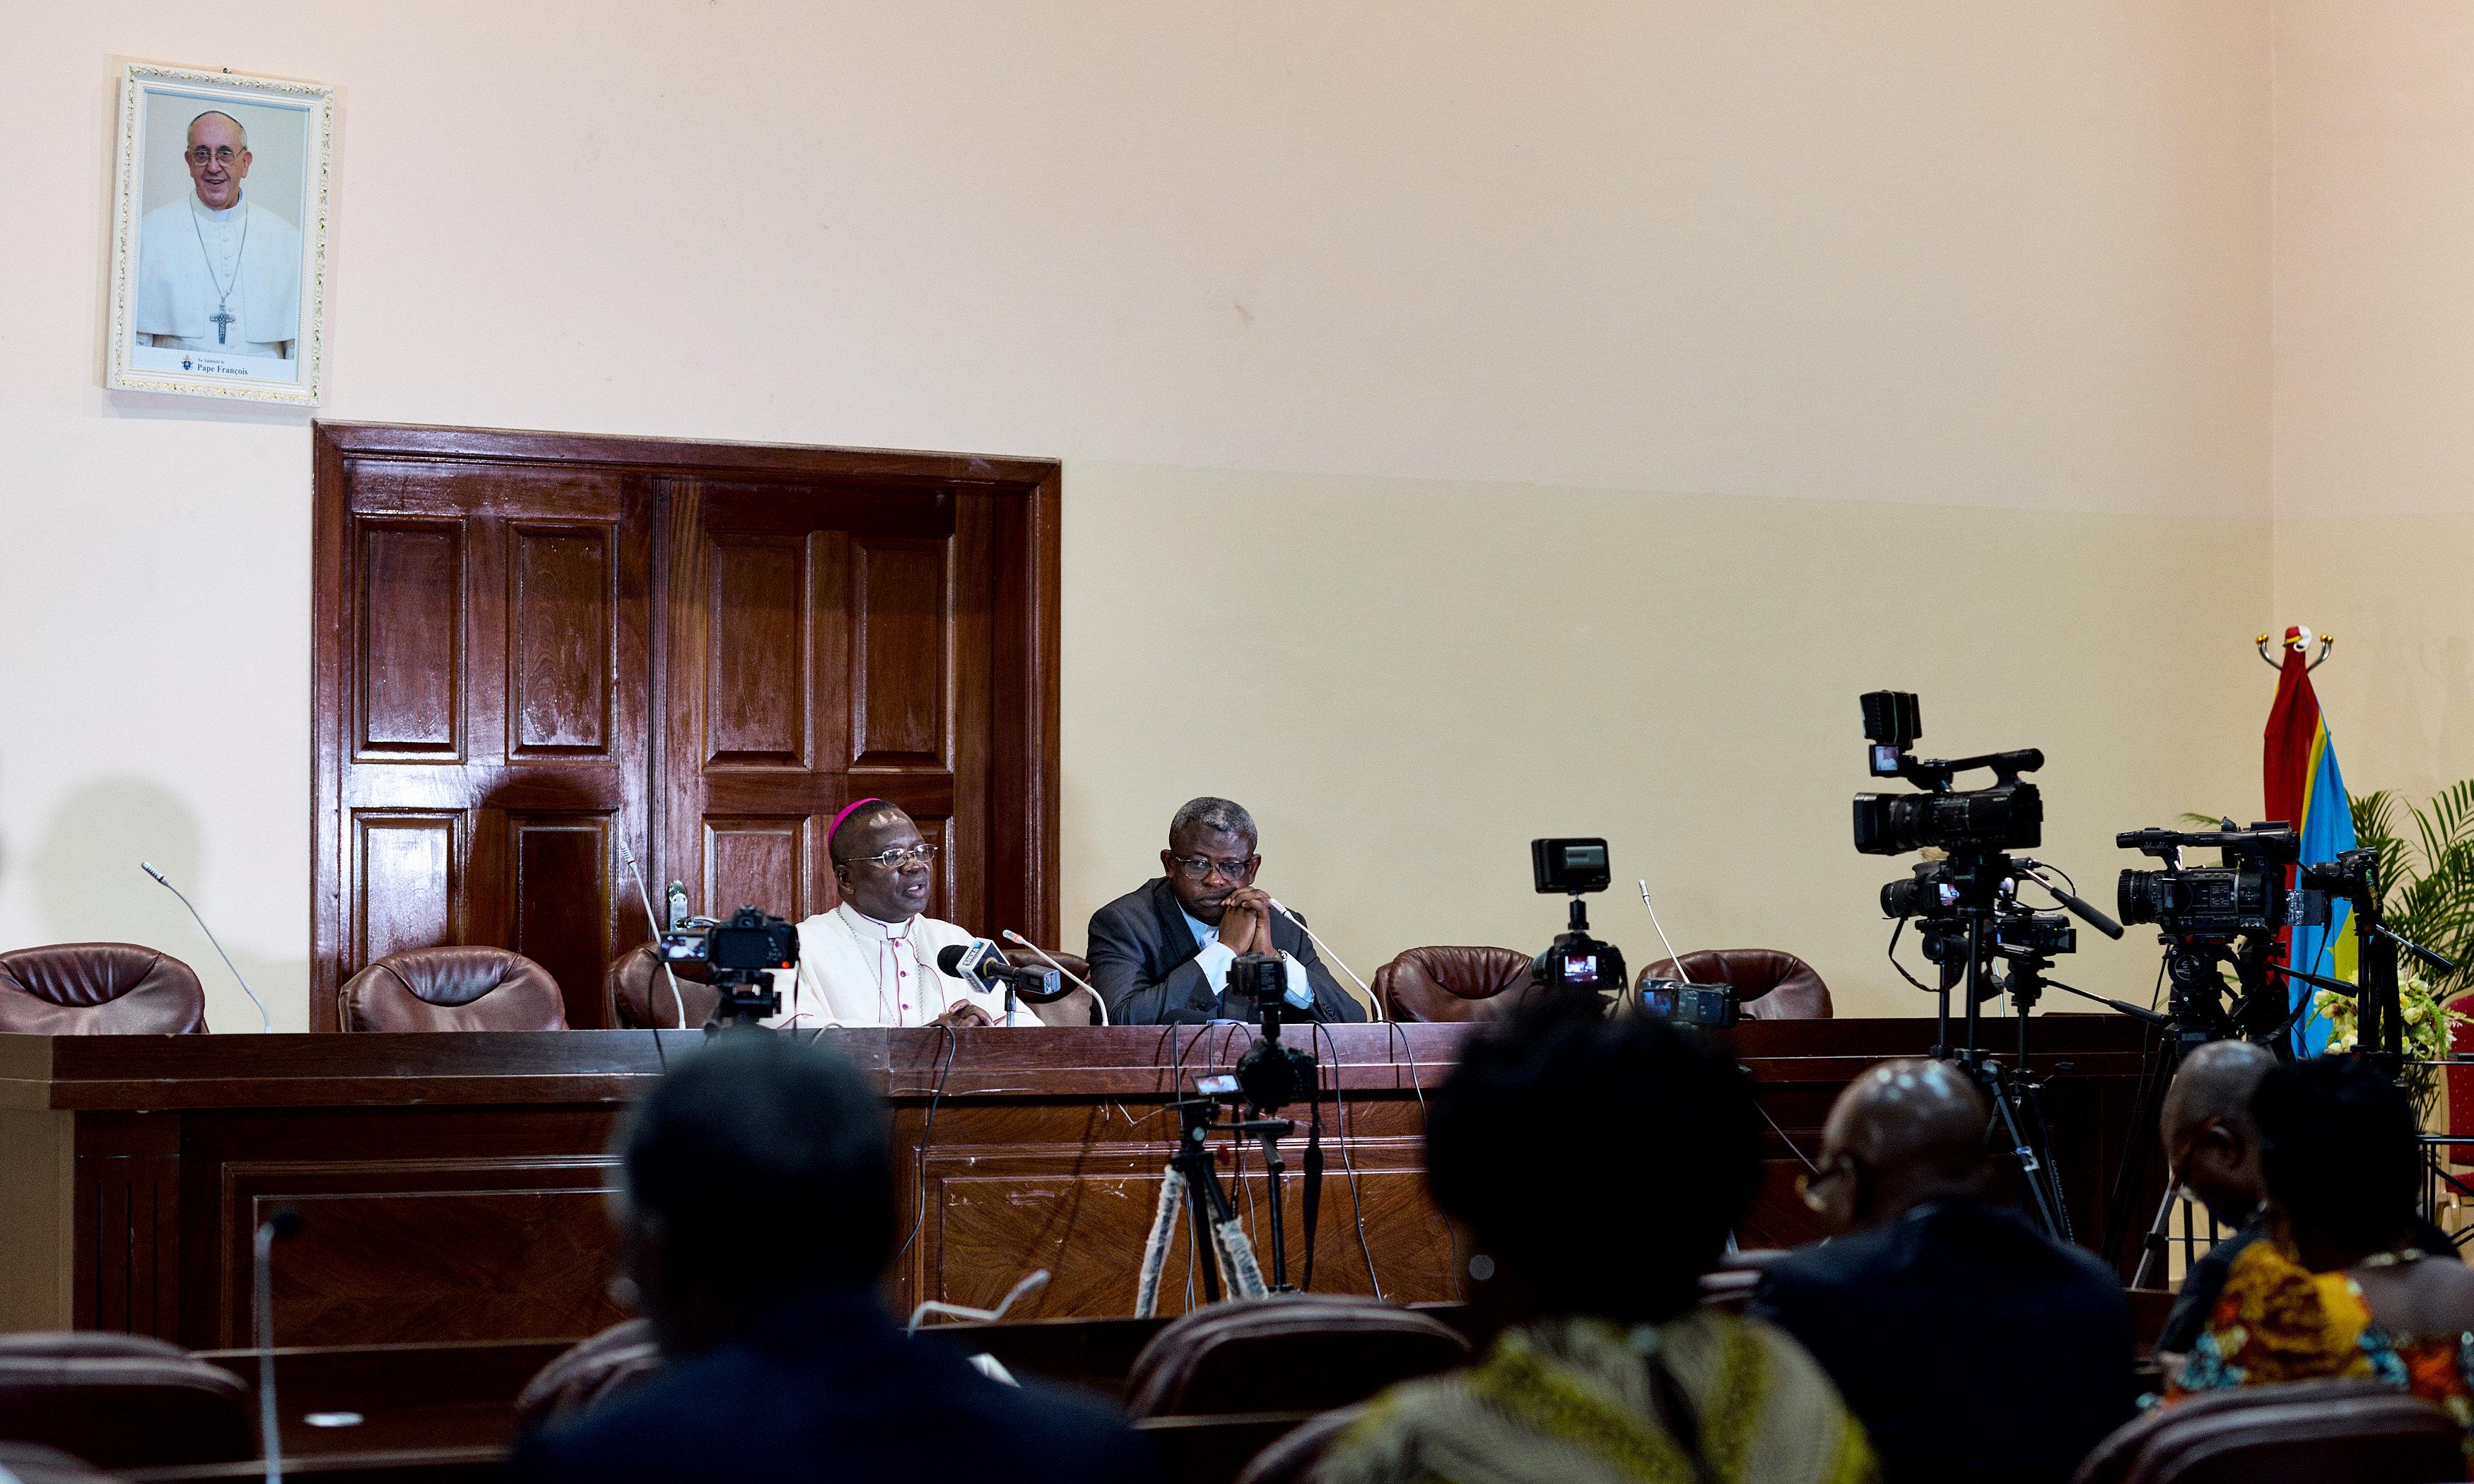 مشاورات فى مقر الاسقفيه الكونغوليه فى كينشاسا لبحث الازمه السياسيه - أ ف ب (1)